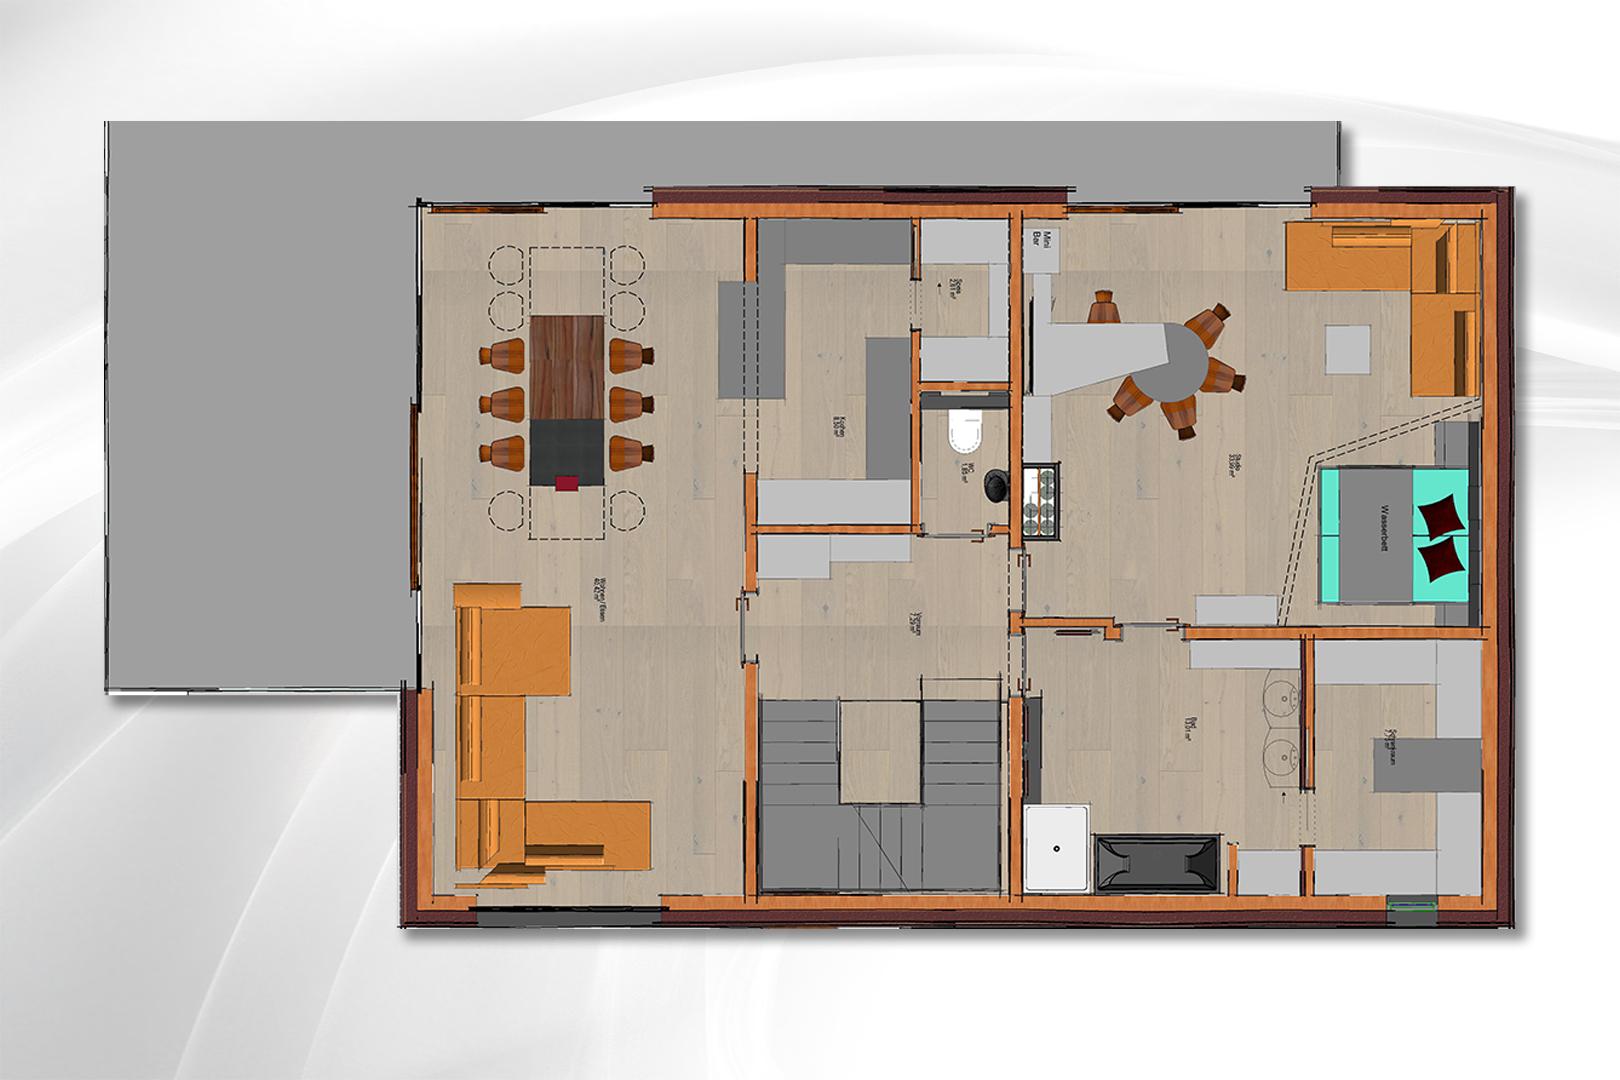 Wohn Design - Ideenpavillon